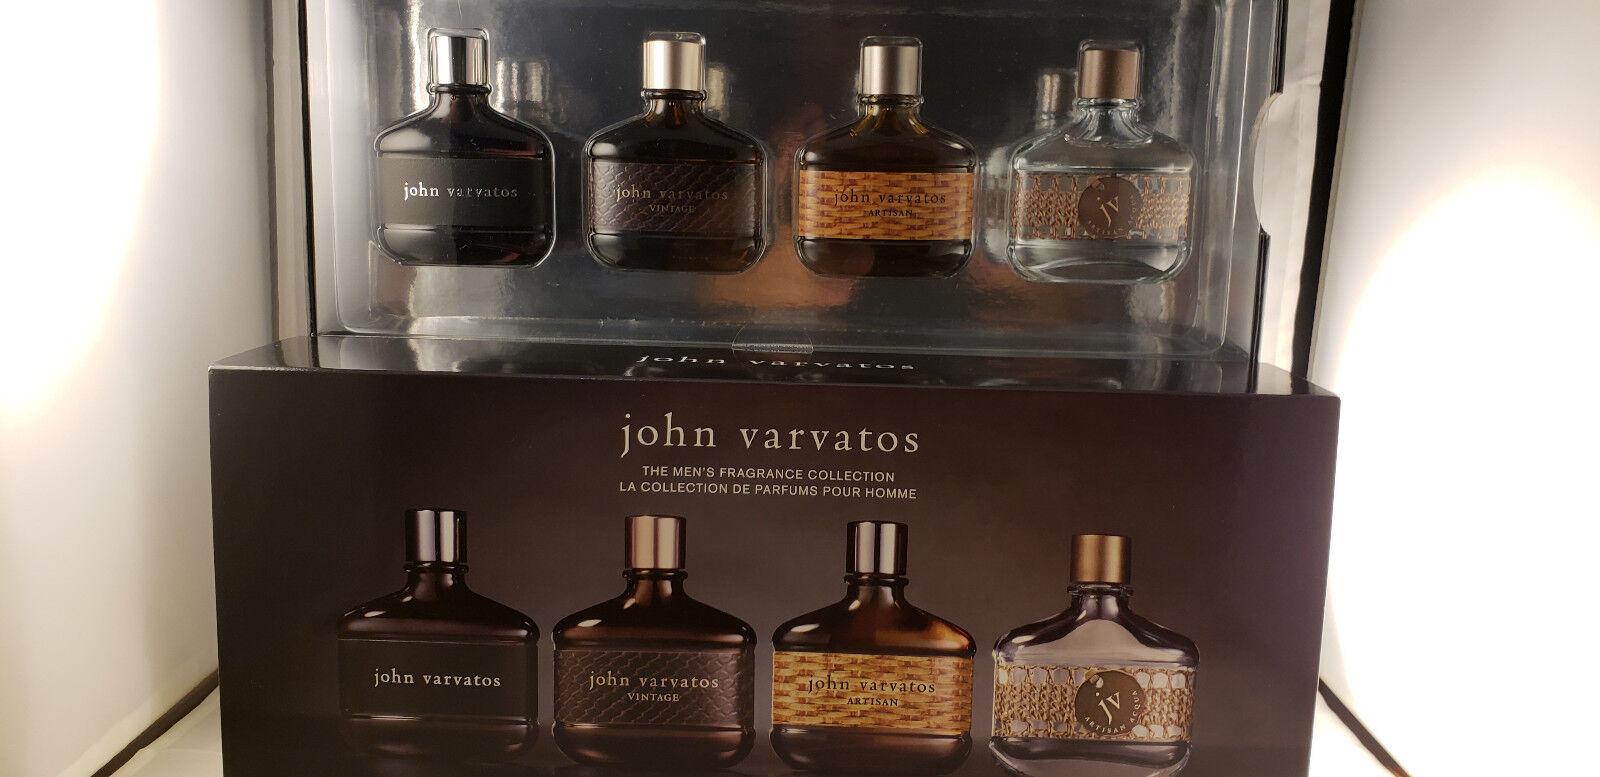 John Varvatos Collection Coffret Set Of 4 Brand For Sale Online Ebay